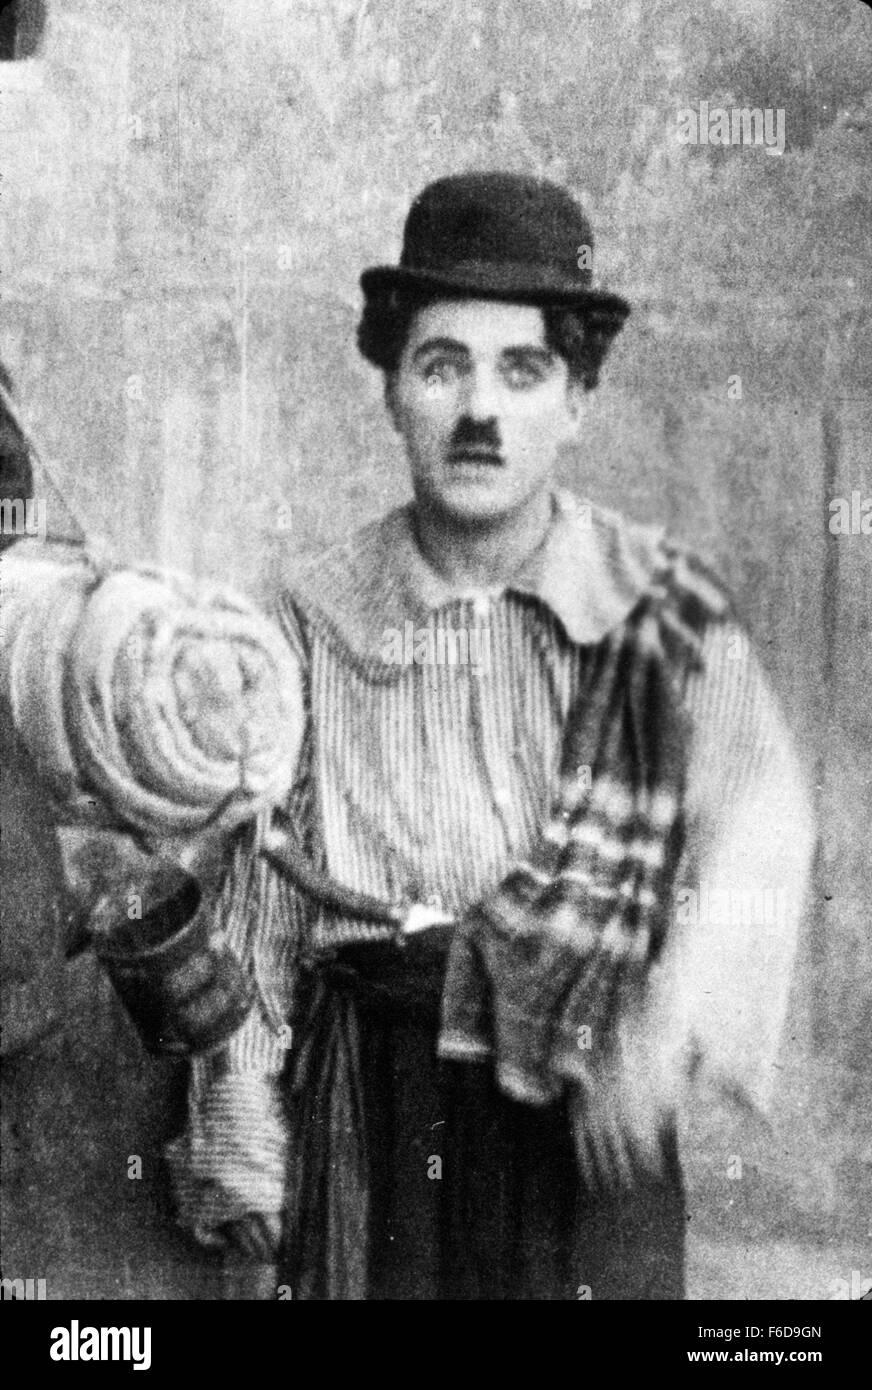 Fecha de lanzamiento: 18 de diciembre de 1915 título de la película: CARMEN ESTUDIO: Essanay Film Productora parcela: Una Gitana Hechicera es enviada para convencer a un funcionario de Goofy para permitir una ejecución de contrabando. Foto: Charles Chaplin como Director. Foto de stock